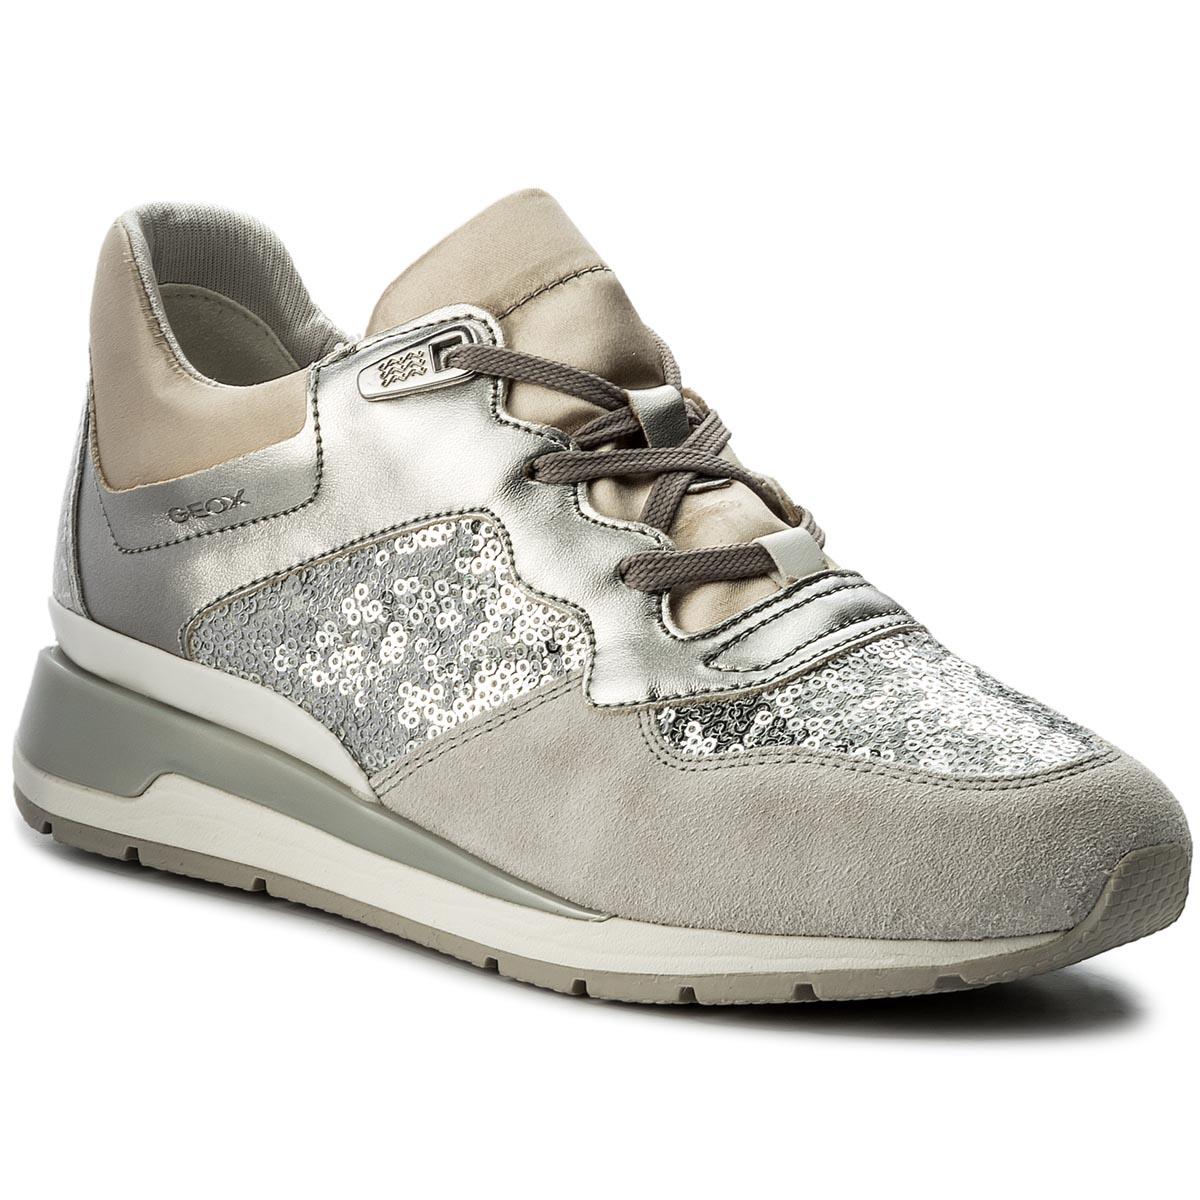 979b20ffe293 Women s Shoes – quality women s footwear online – efootwear.eu - www ...